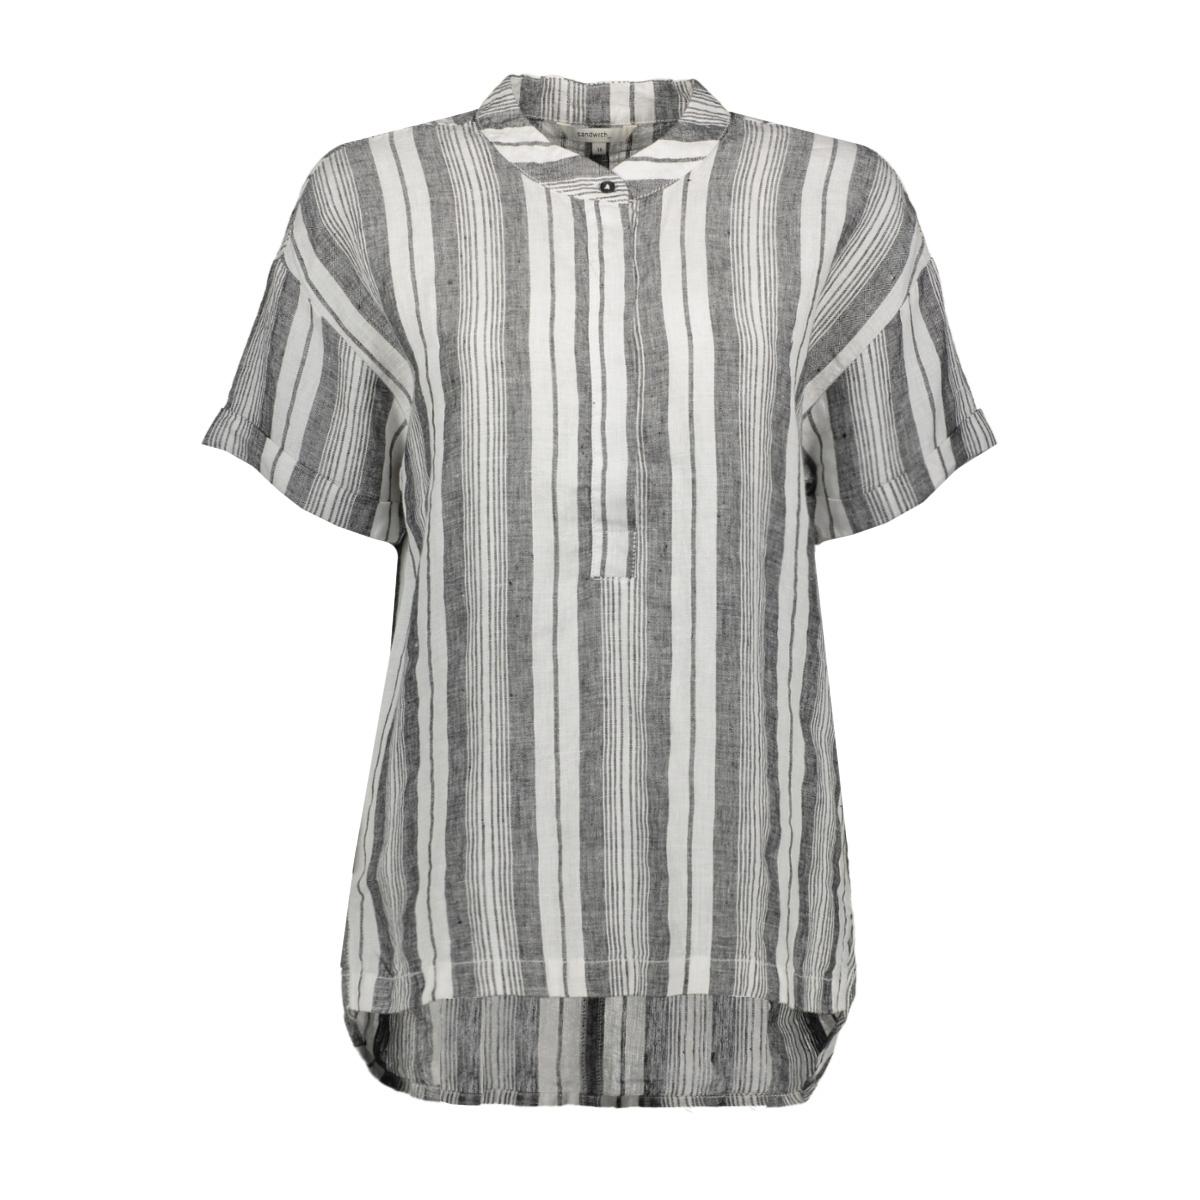 linnen blouse met streeppatroon 22001697 sandwich blouse 80041